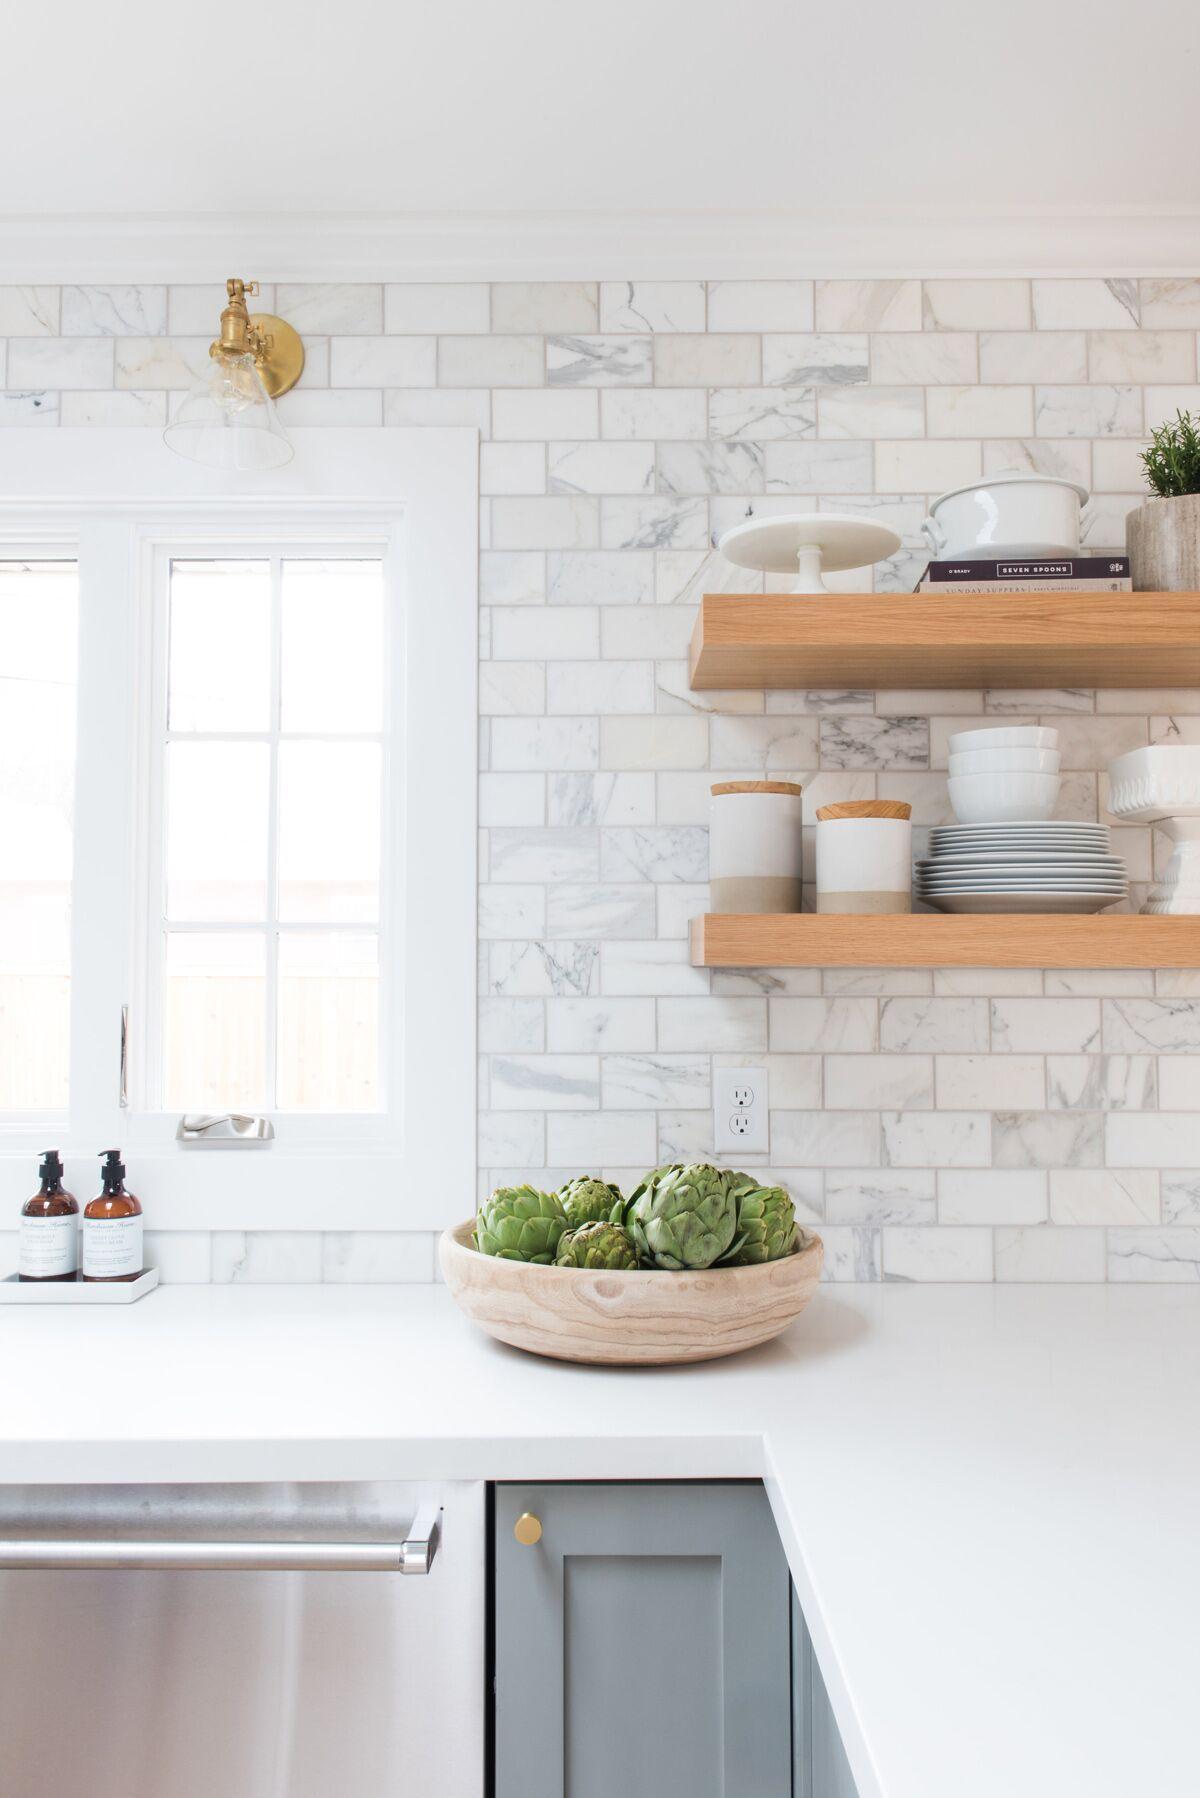 carrelage blanc pierre etagere bois